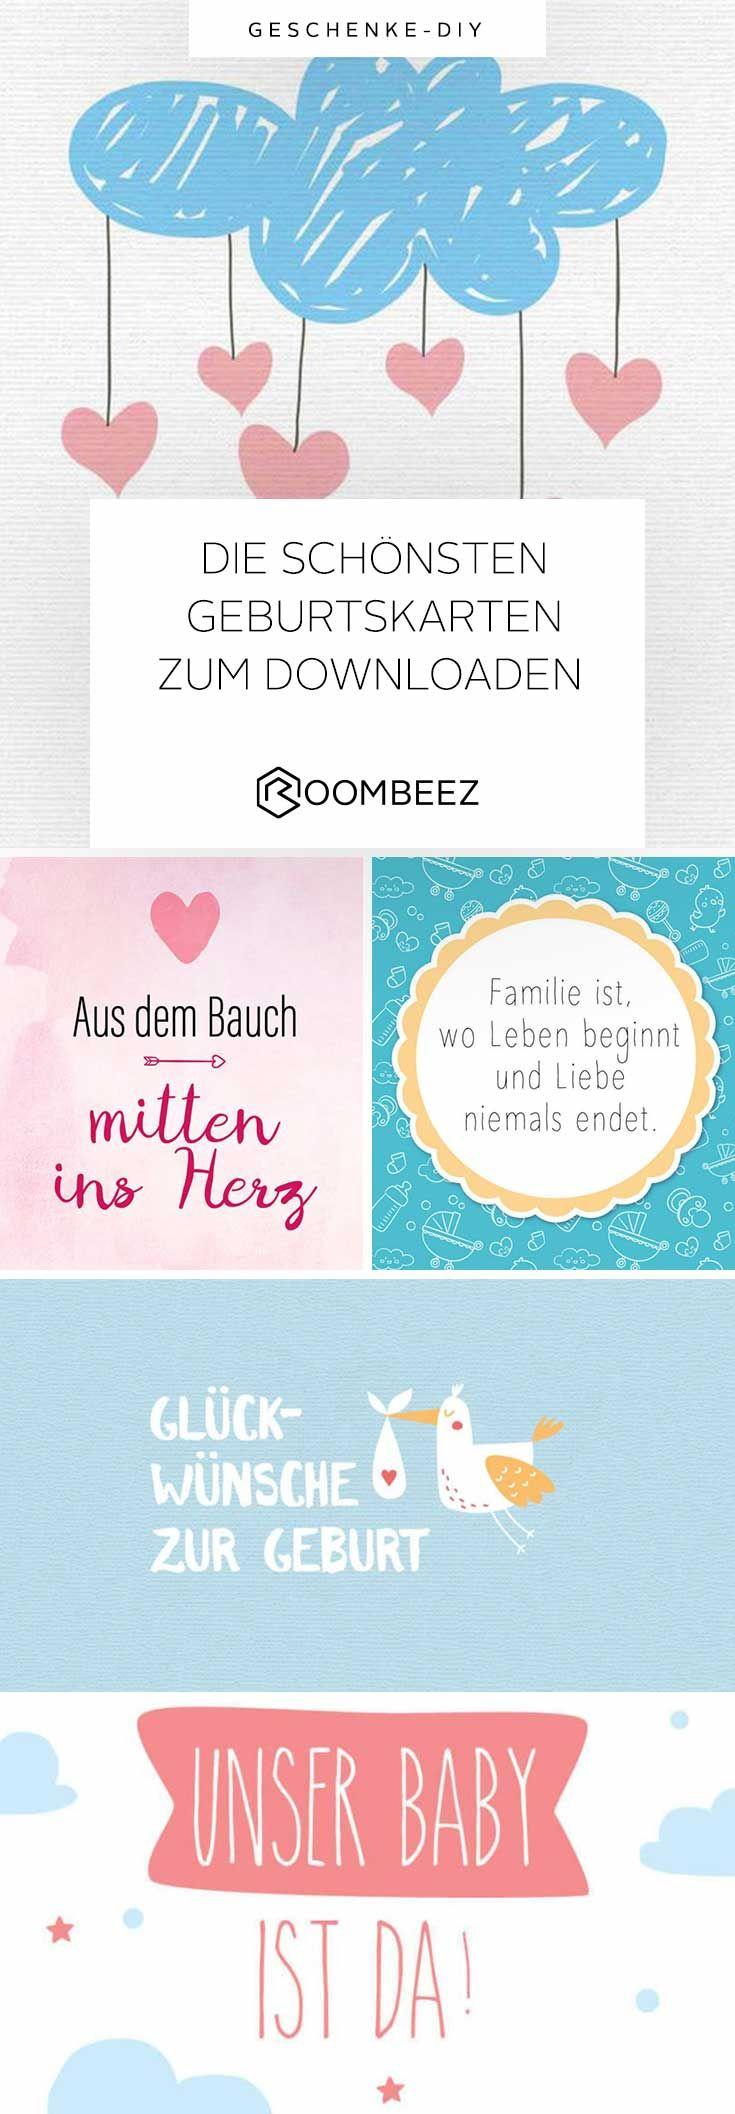 Glückwünsche Zur Geburt » 20 Kostenlose Babykarten bestimmt für Glückwunschkarten Zur Geburt Zum Ausdrucken